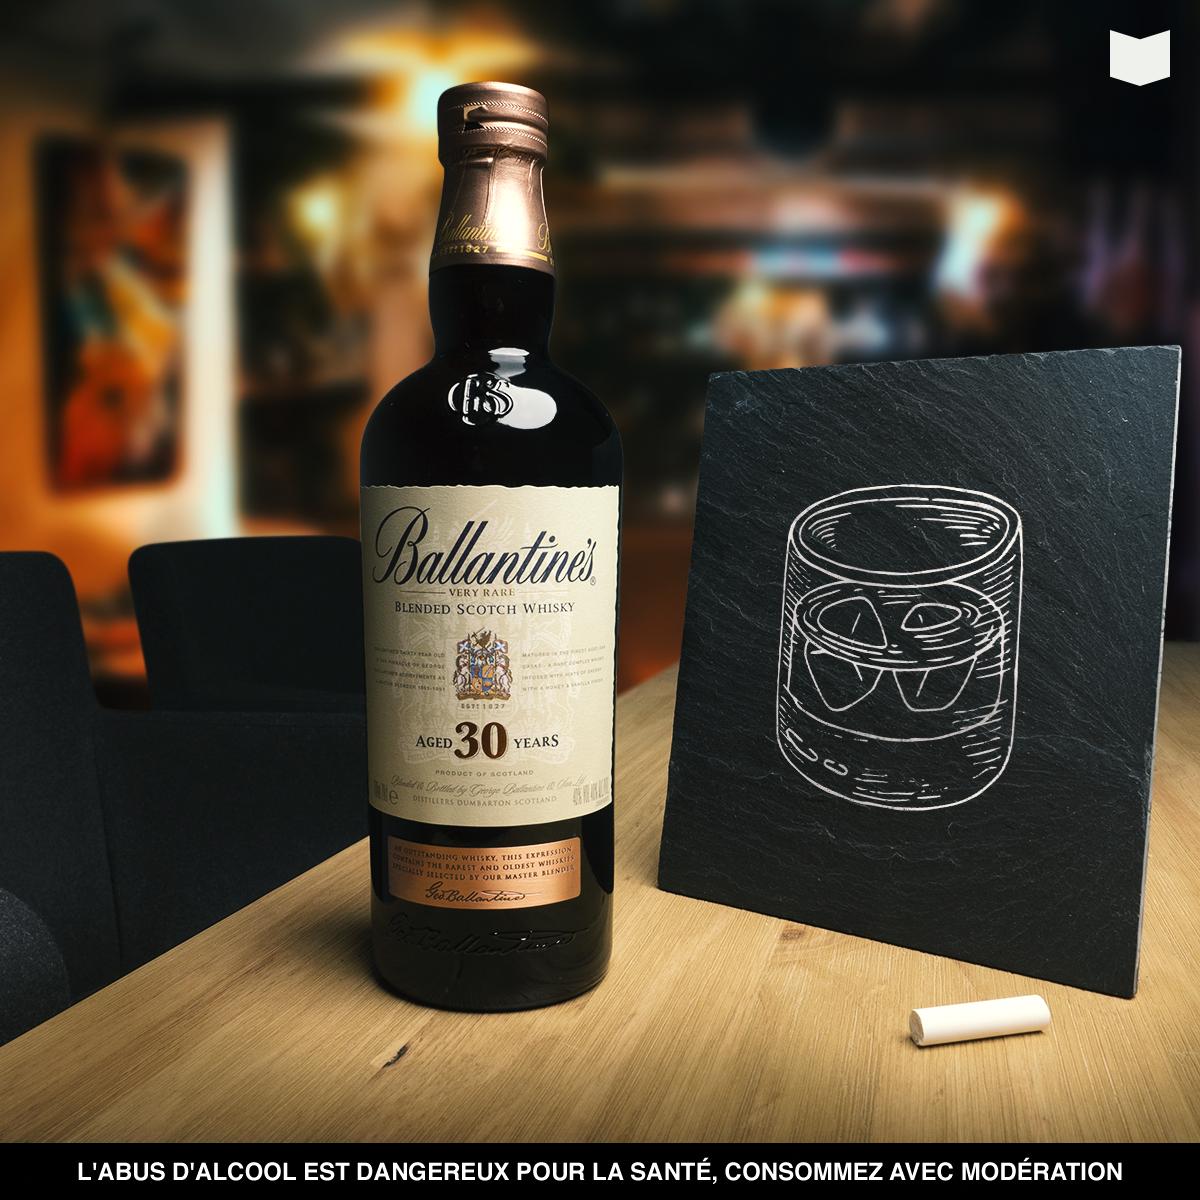 Mise en scène d'une bouteille Ballantine's 30 ans d'âge